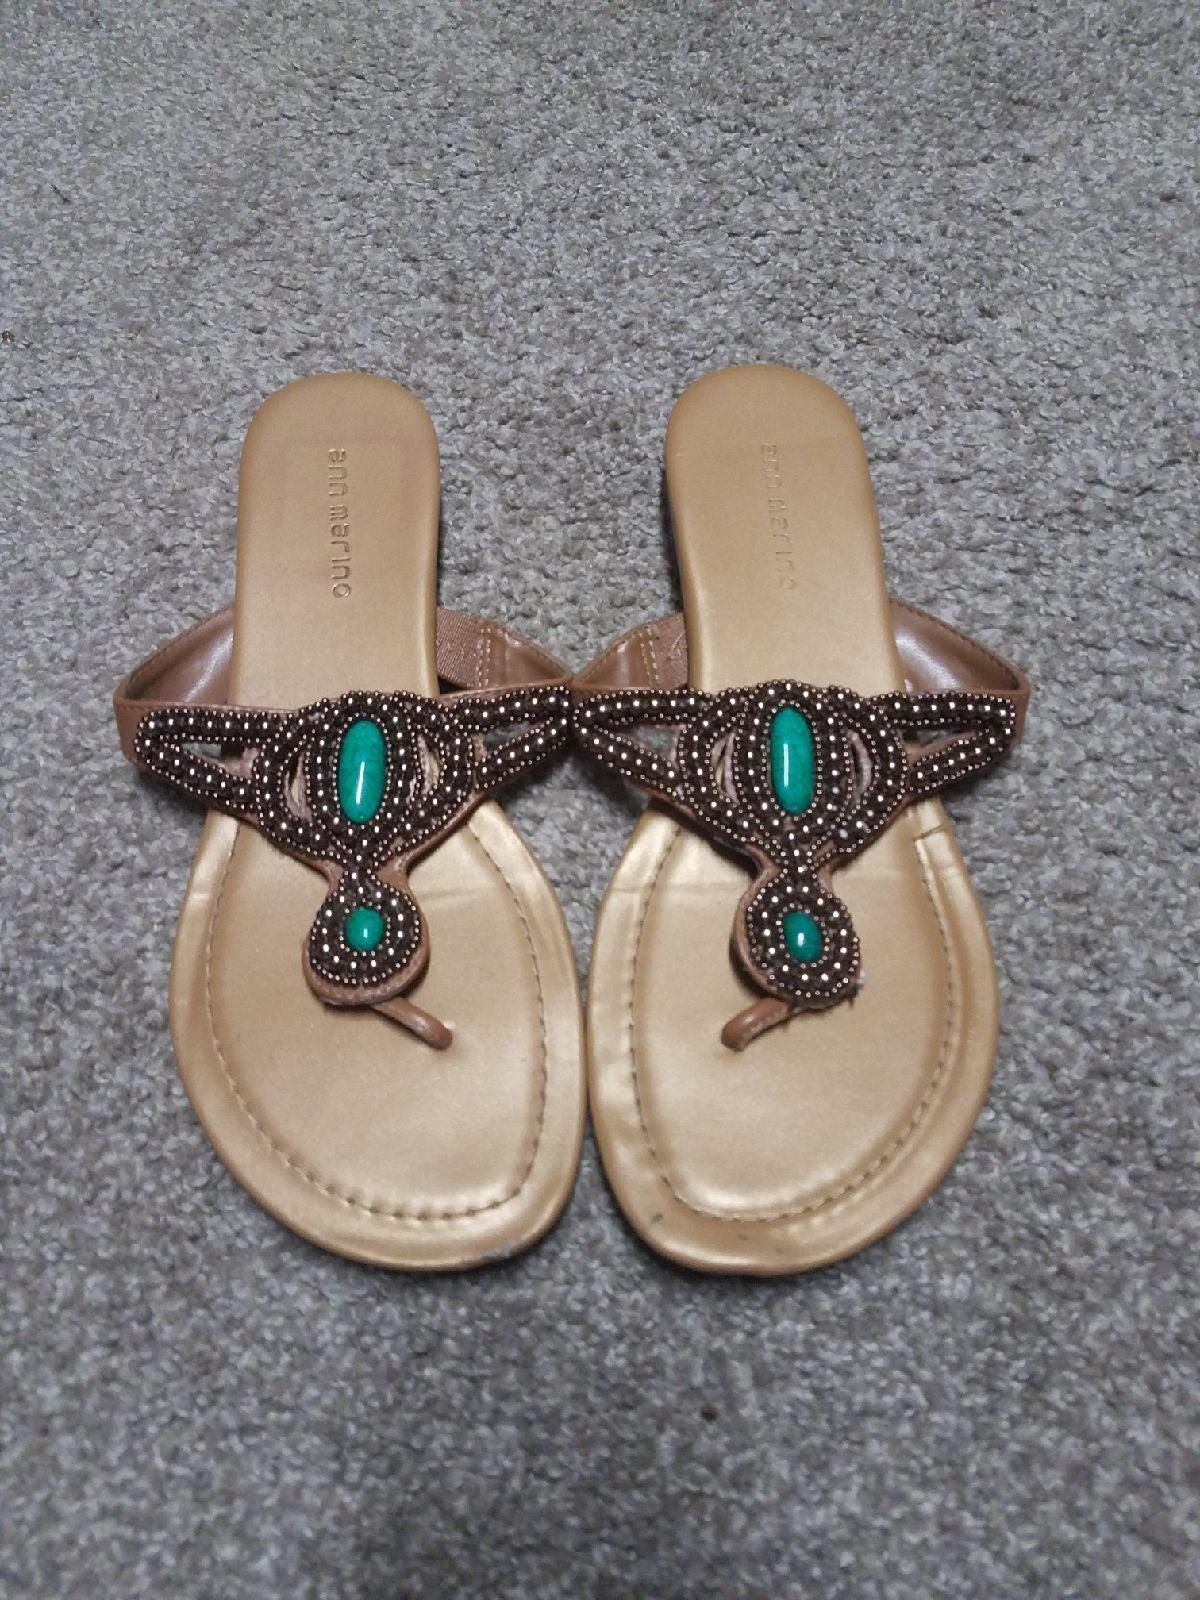 Ann Marini sandals